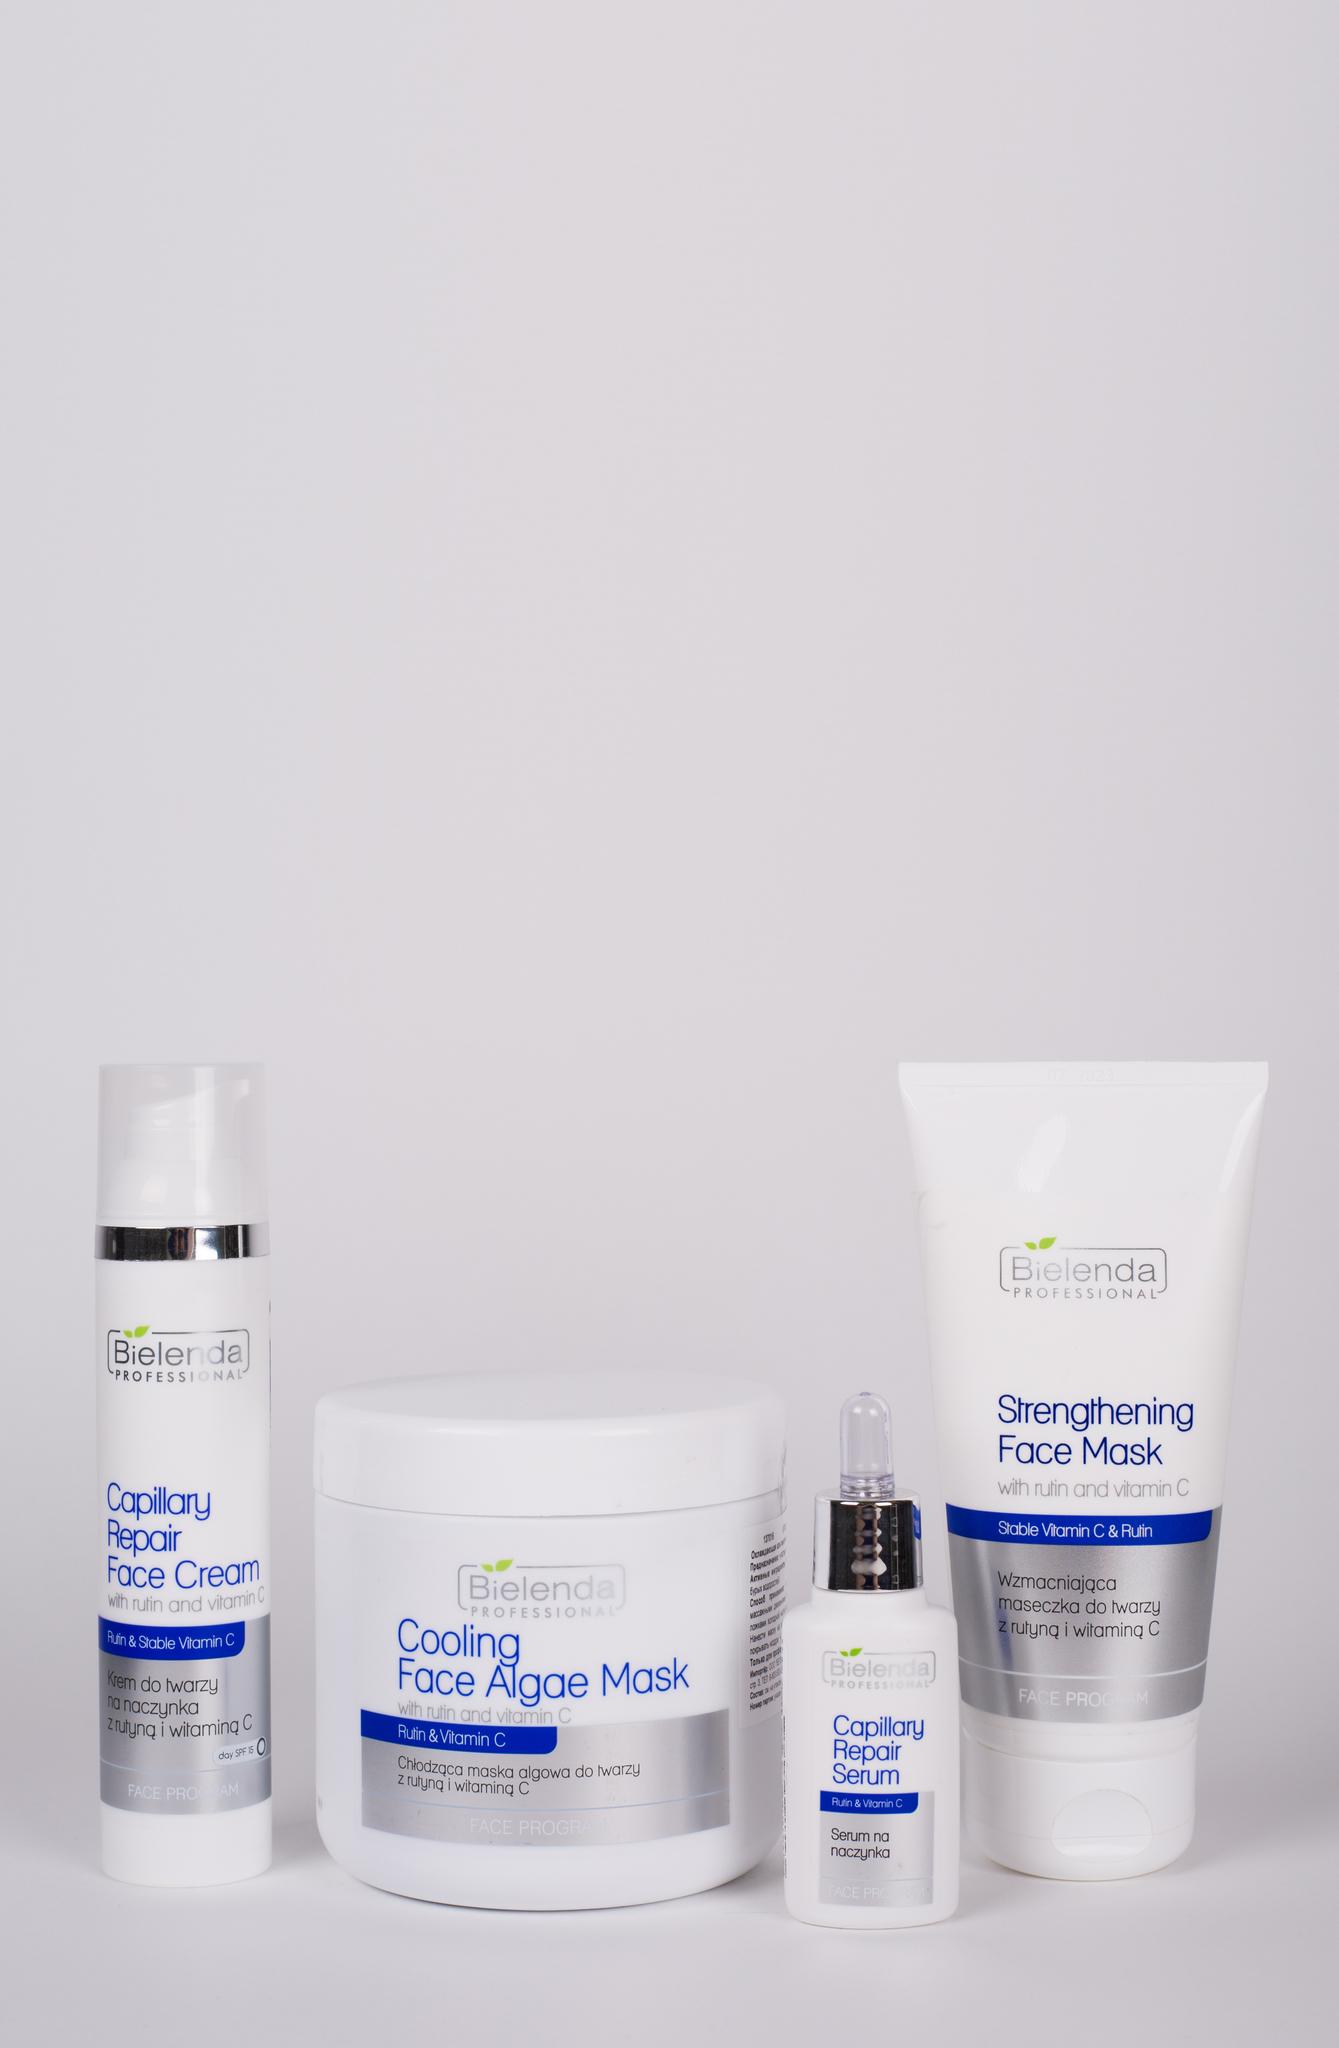 VITAMIN C AND RUTINE ANTI-CAPILLARIES Охлаждающая  альгинатная маска для лица с рутином и витамином С, 190 г.